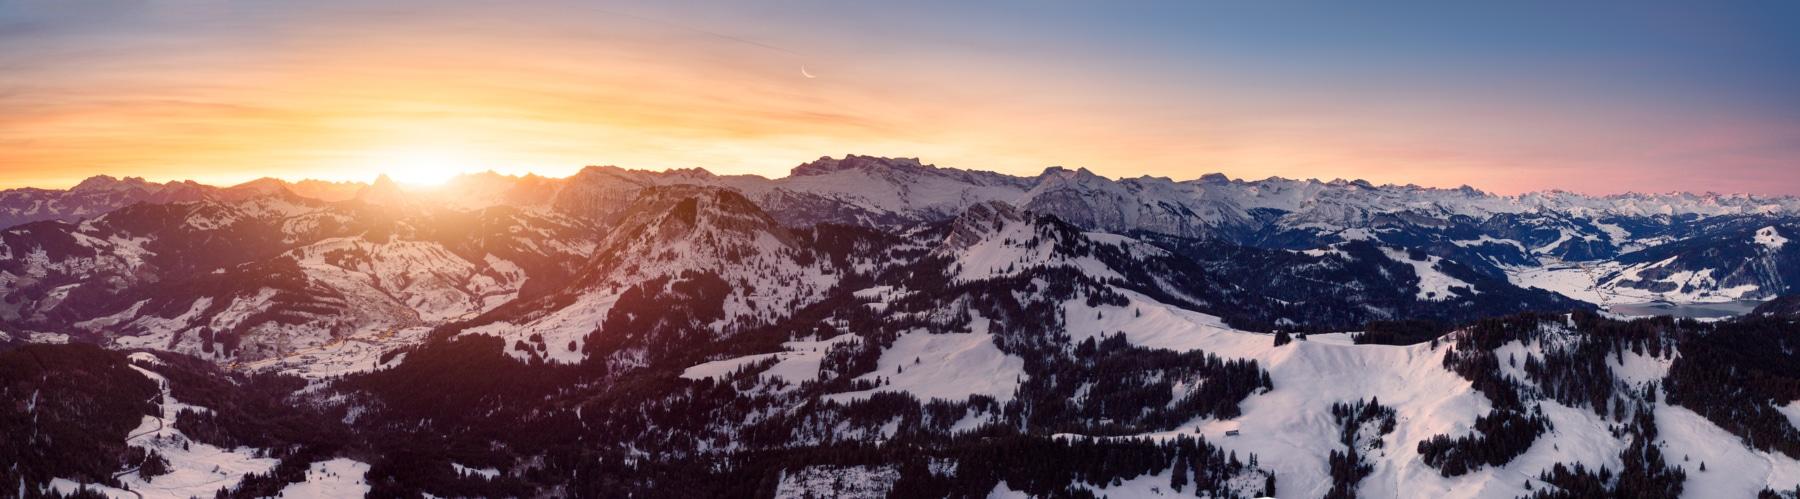 Switzerland, Schwyz, Sunrise at Staffellegg